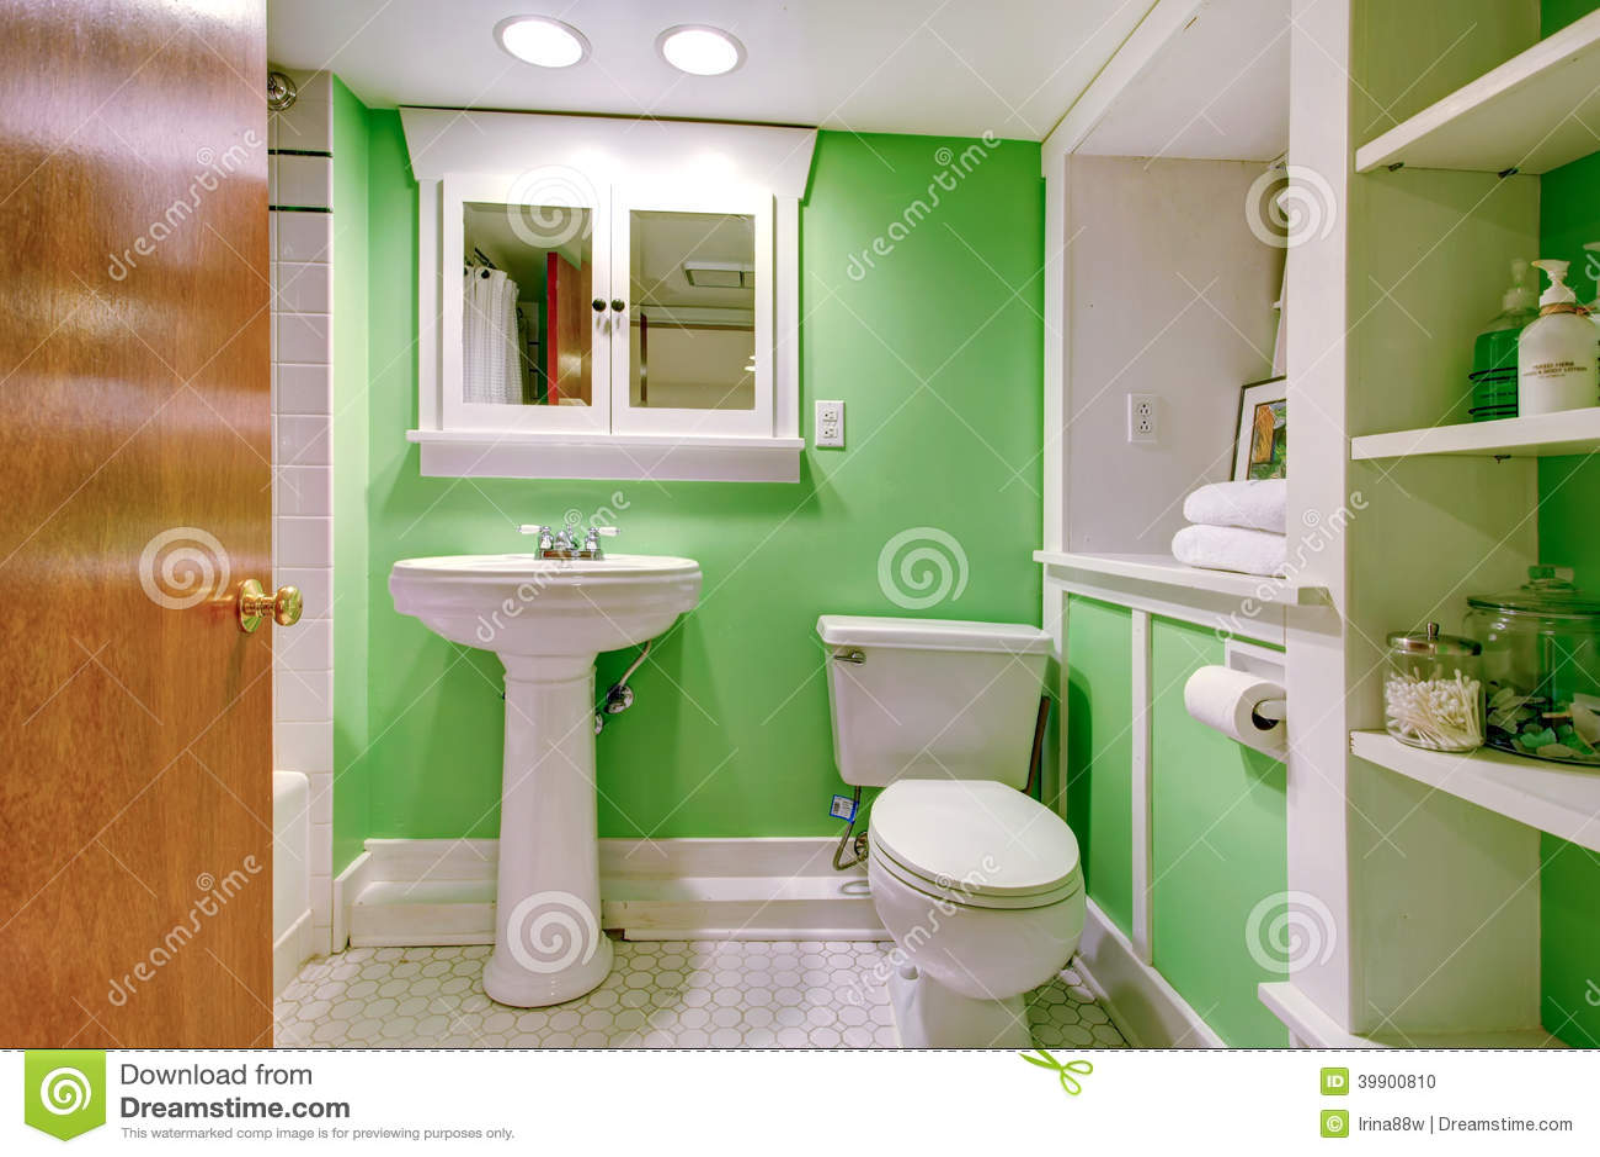 Salle De Bains Verte Et Blanche Photo stock - Image du lavabo, home ...